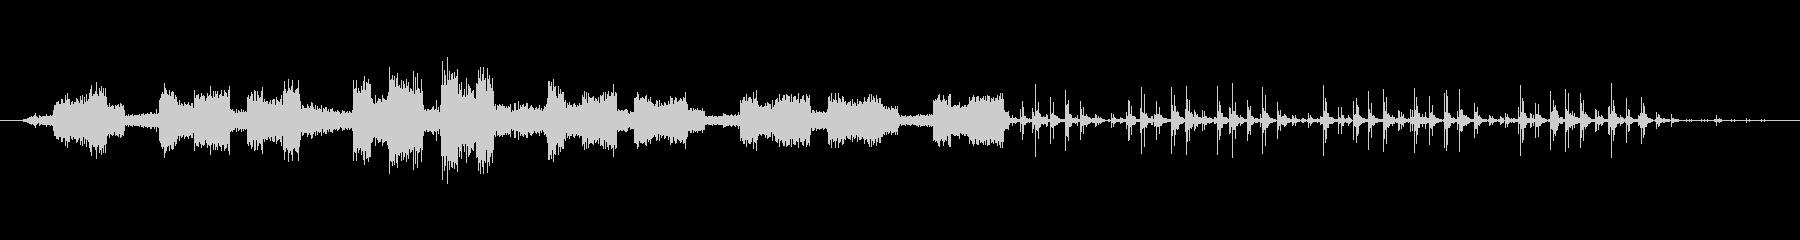 ノイズ 壊れたランダム性02の未再生の波形